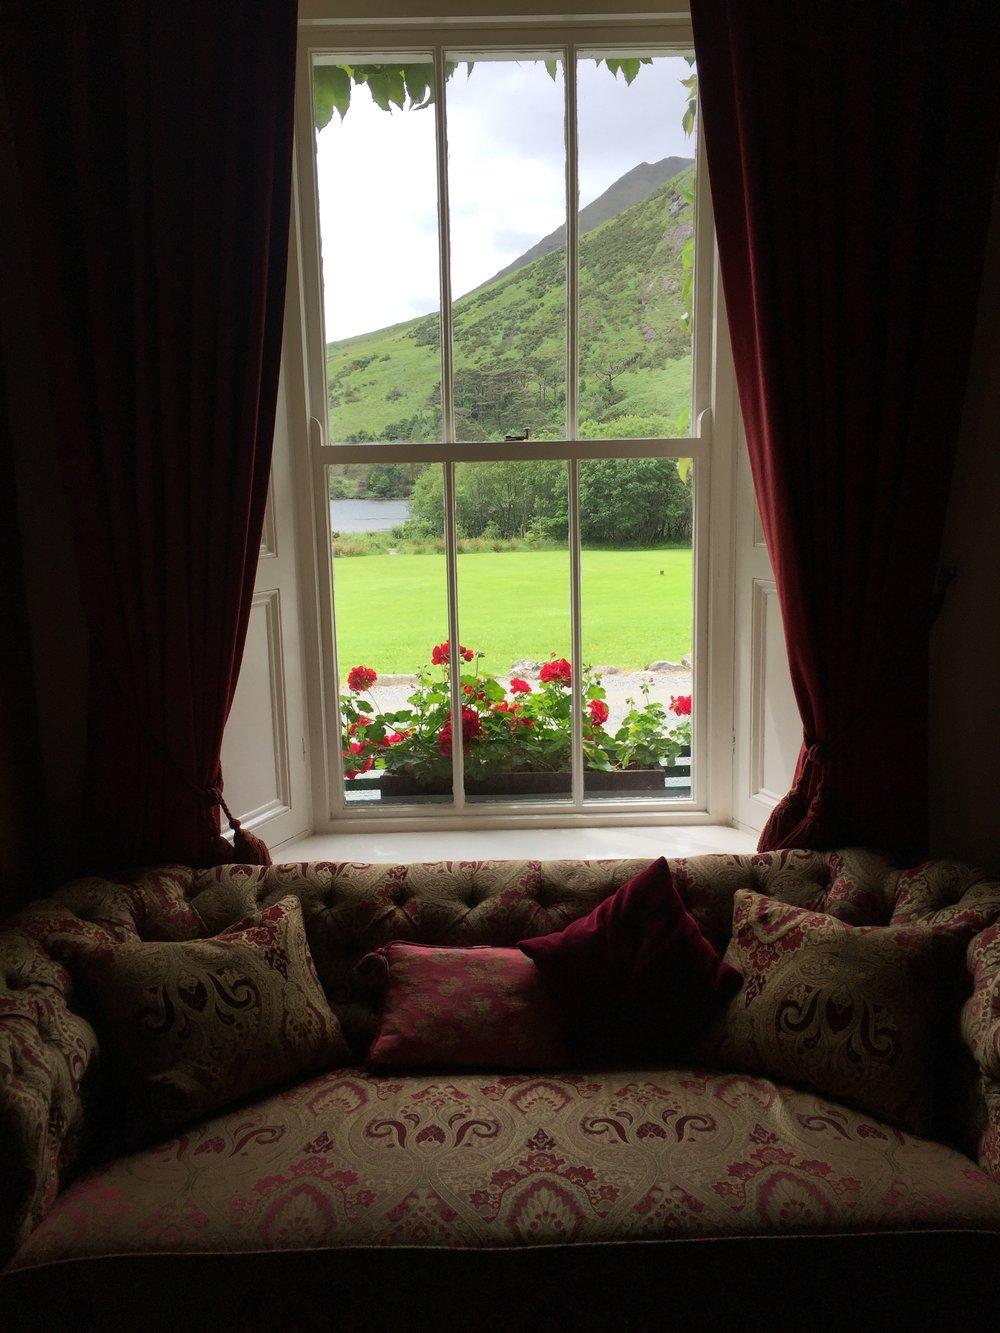 Delphi Lodge--what a view!